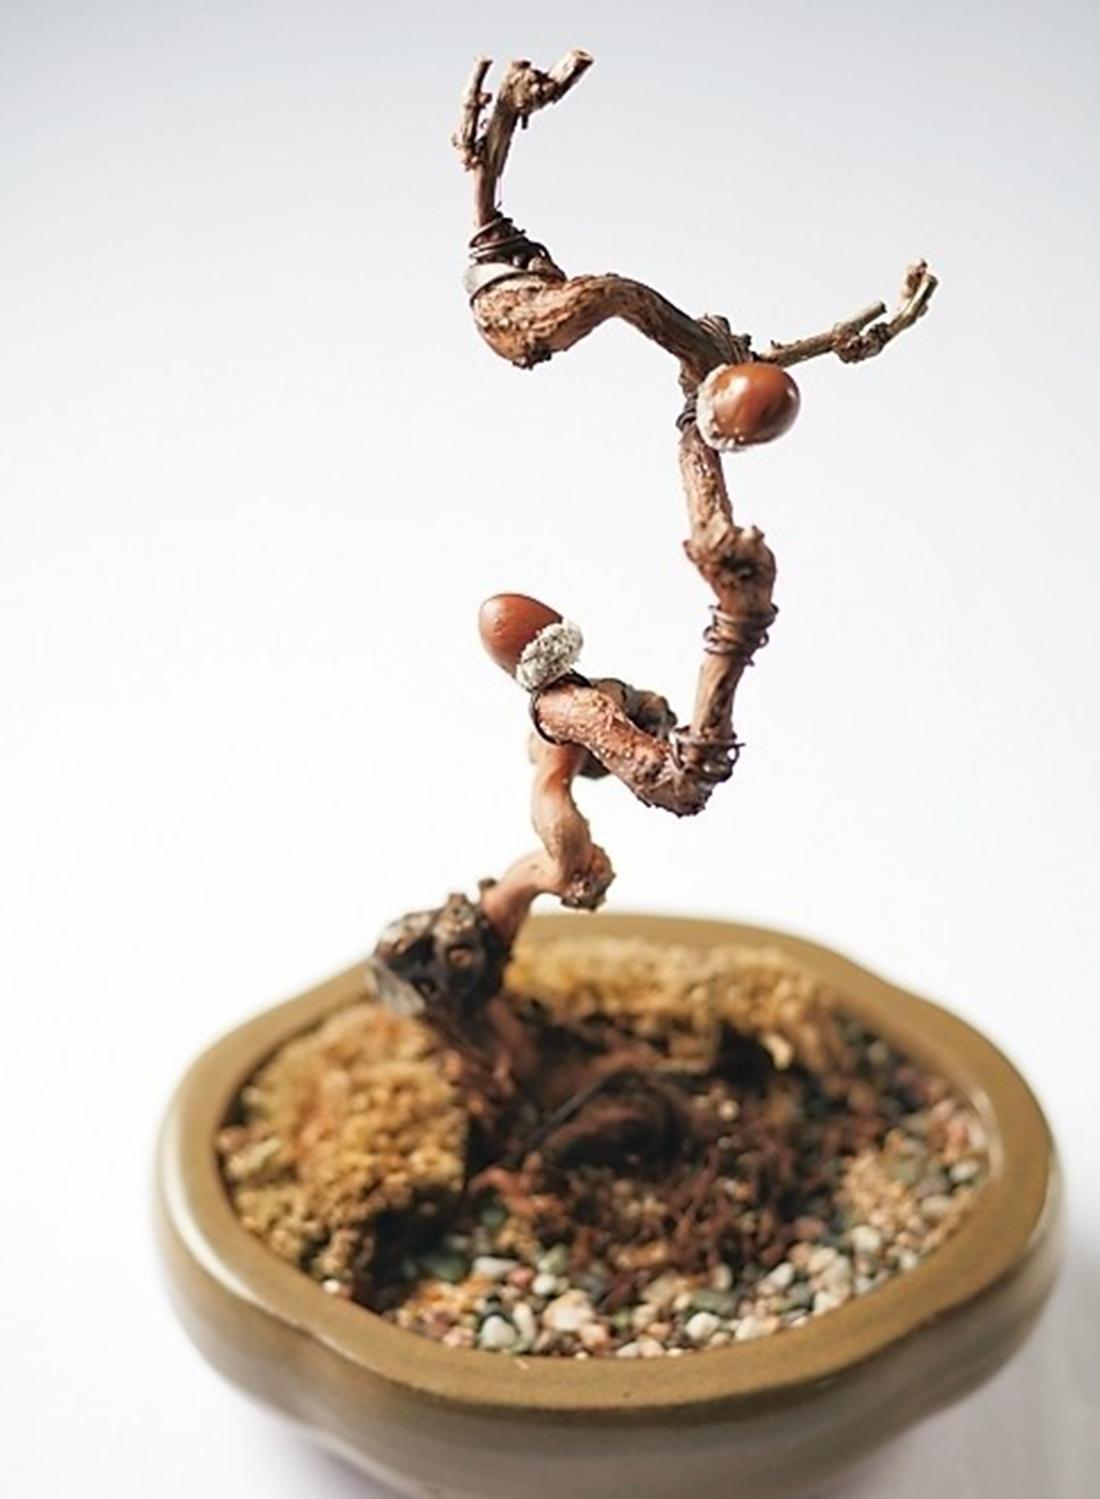 ブドウの木から実を収穫するイメージのアミューズ。